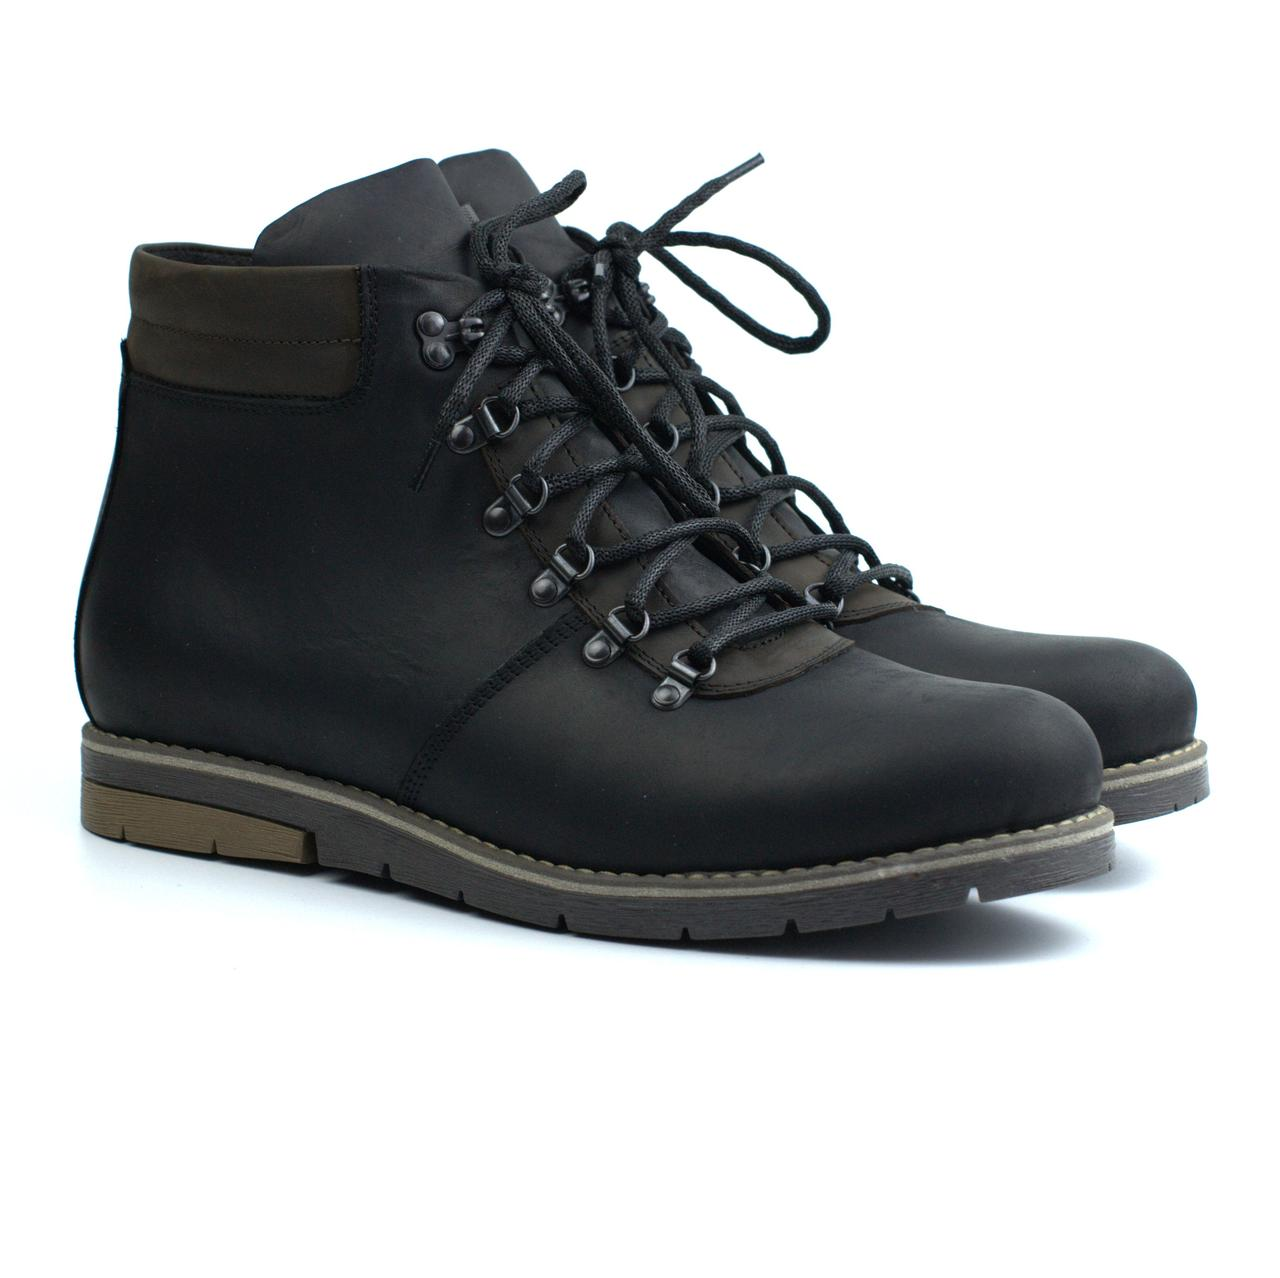 Зимние ботинки хайкеры кожаные на меху мужская обувь Rosso Avangard Rangers Street Crazy Black